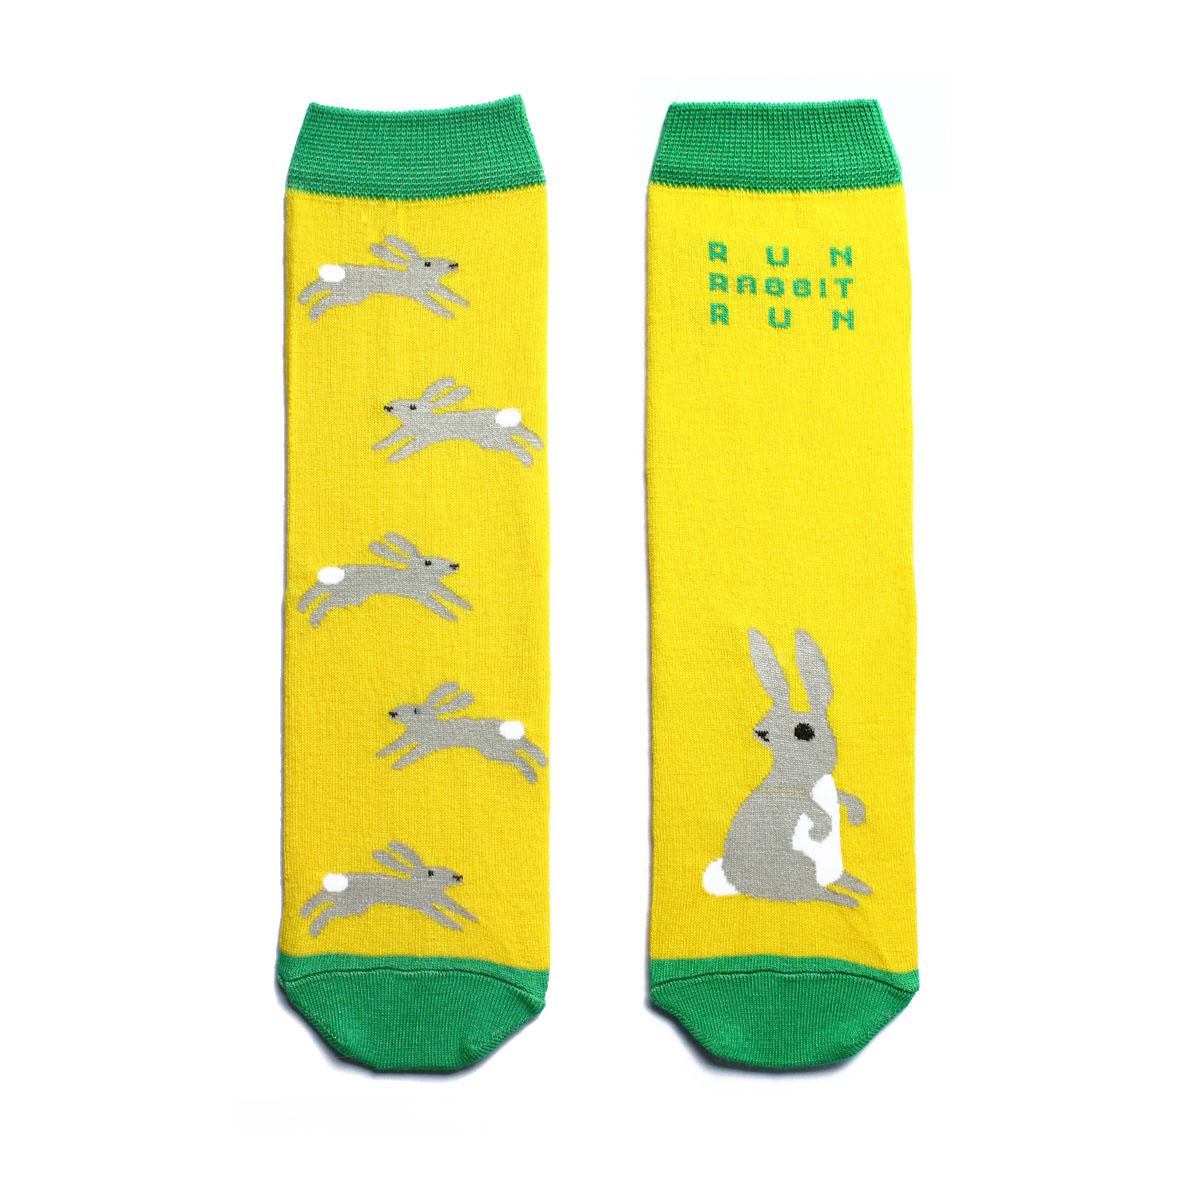 n231Яркие носки Big Bang Socks изготовлены из высококачественного хлопка с добавлением полиамида и эластана, которые обеспечивают отличную посадку. Модель с удлиненным паголенком оформлена оригинальным принтом с изображением зайцев. Широкая резинка плотно облегает ногу и обеспечивает удобство, не сдавливая ее.